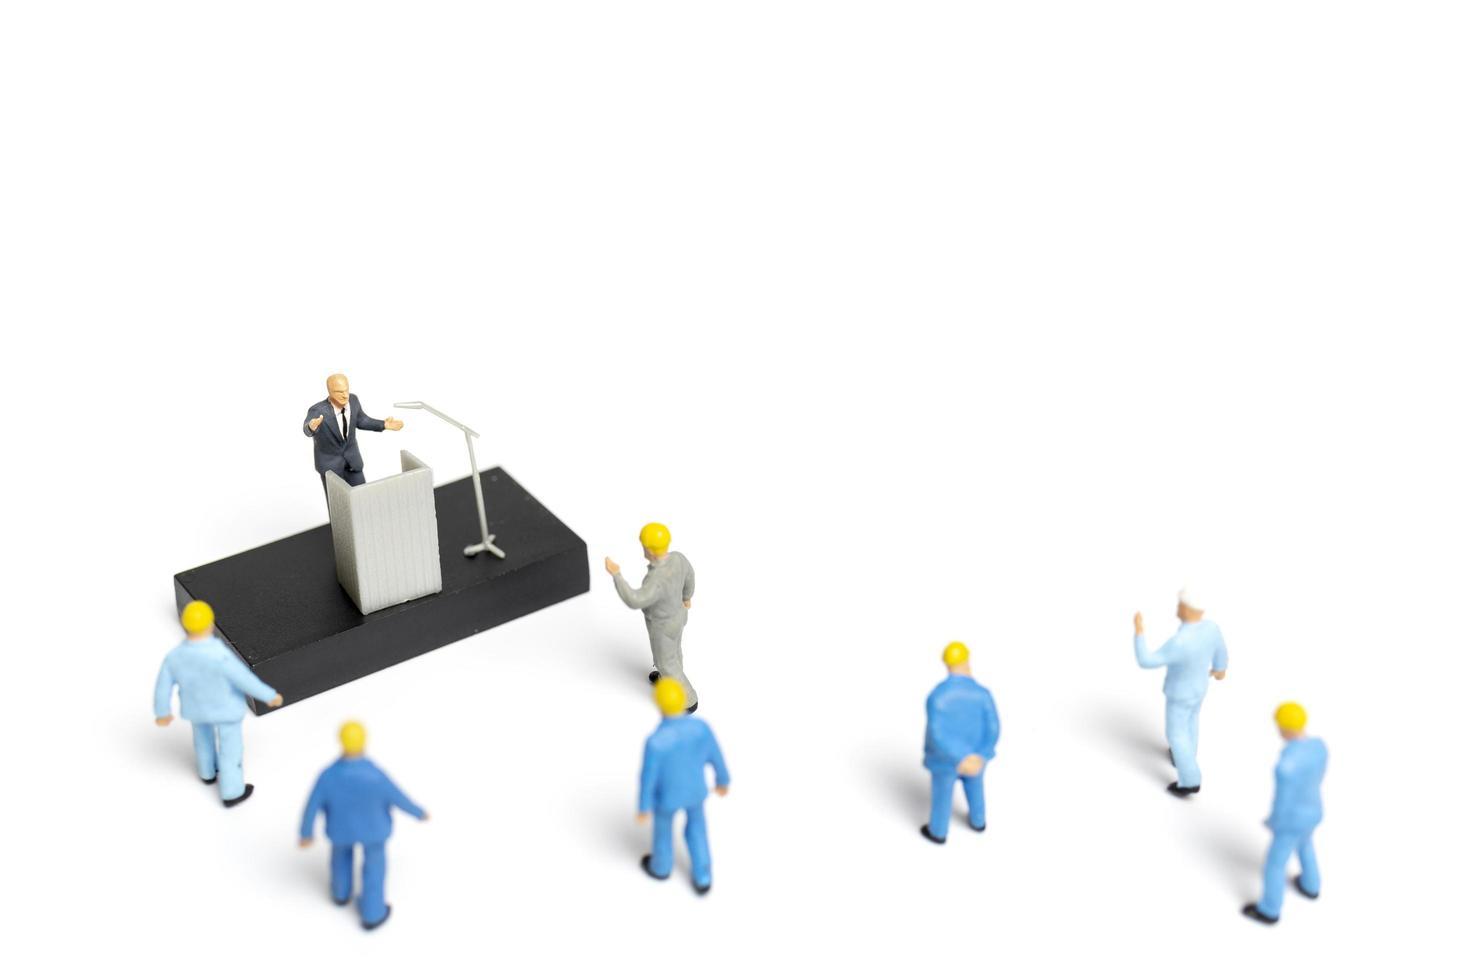 miniatyrfolk som lyssnar på en politiker som talar under ett valmöte foto